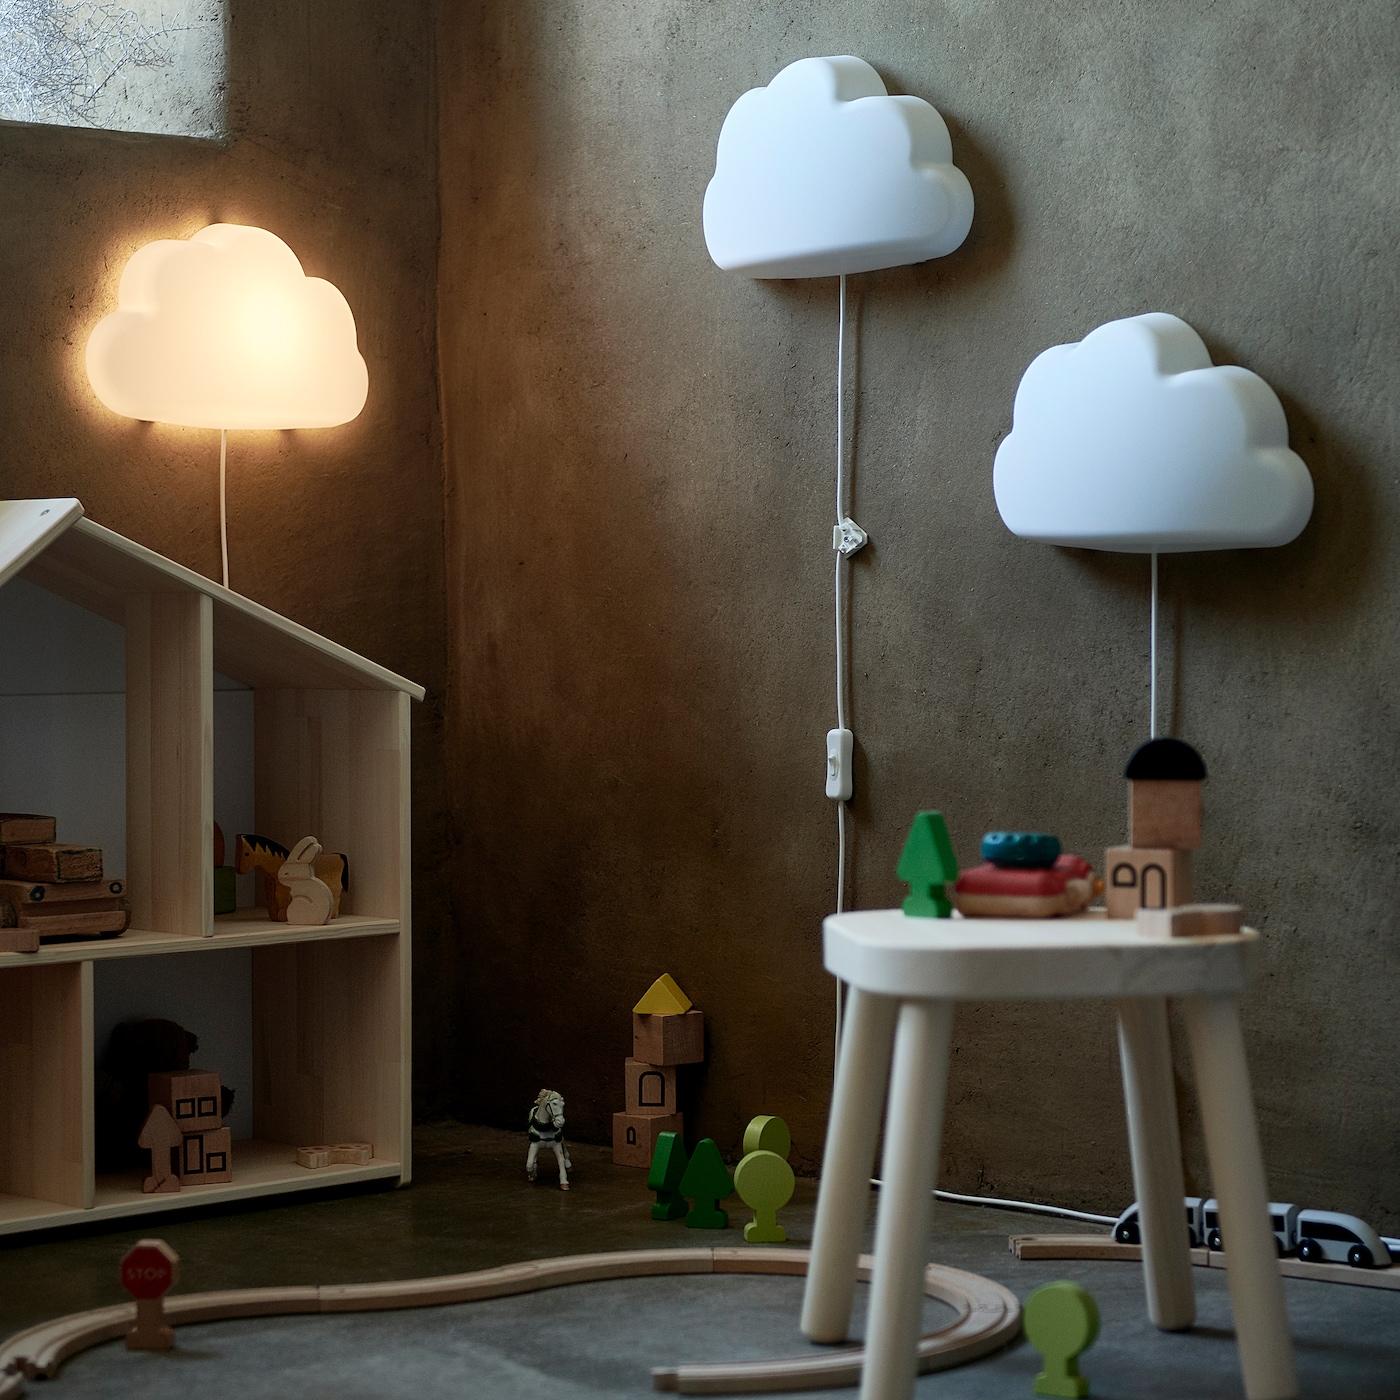 Ikea sky lampe | FINN.no